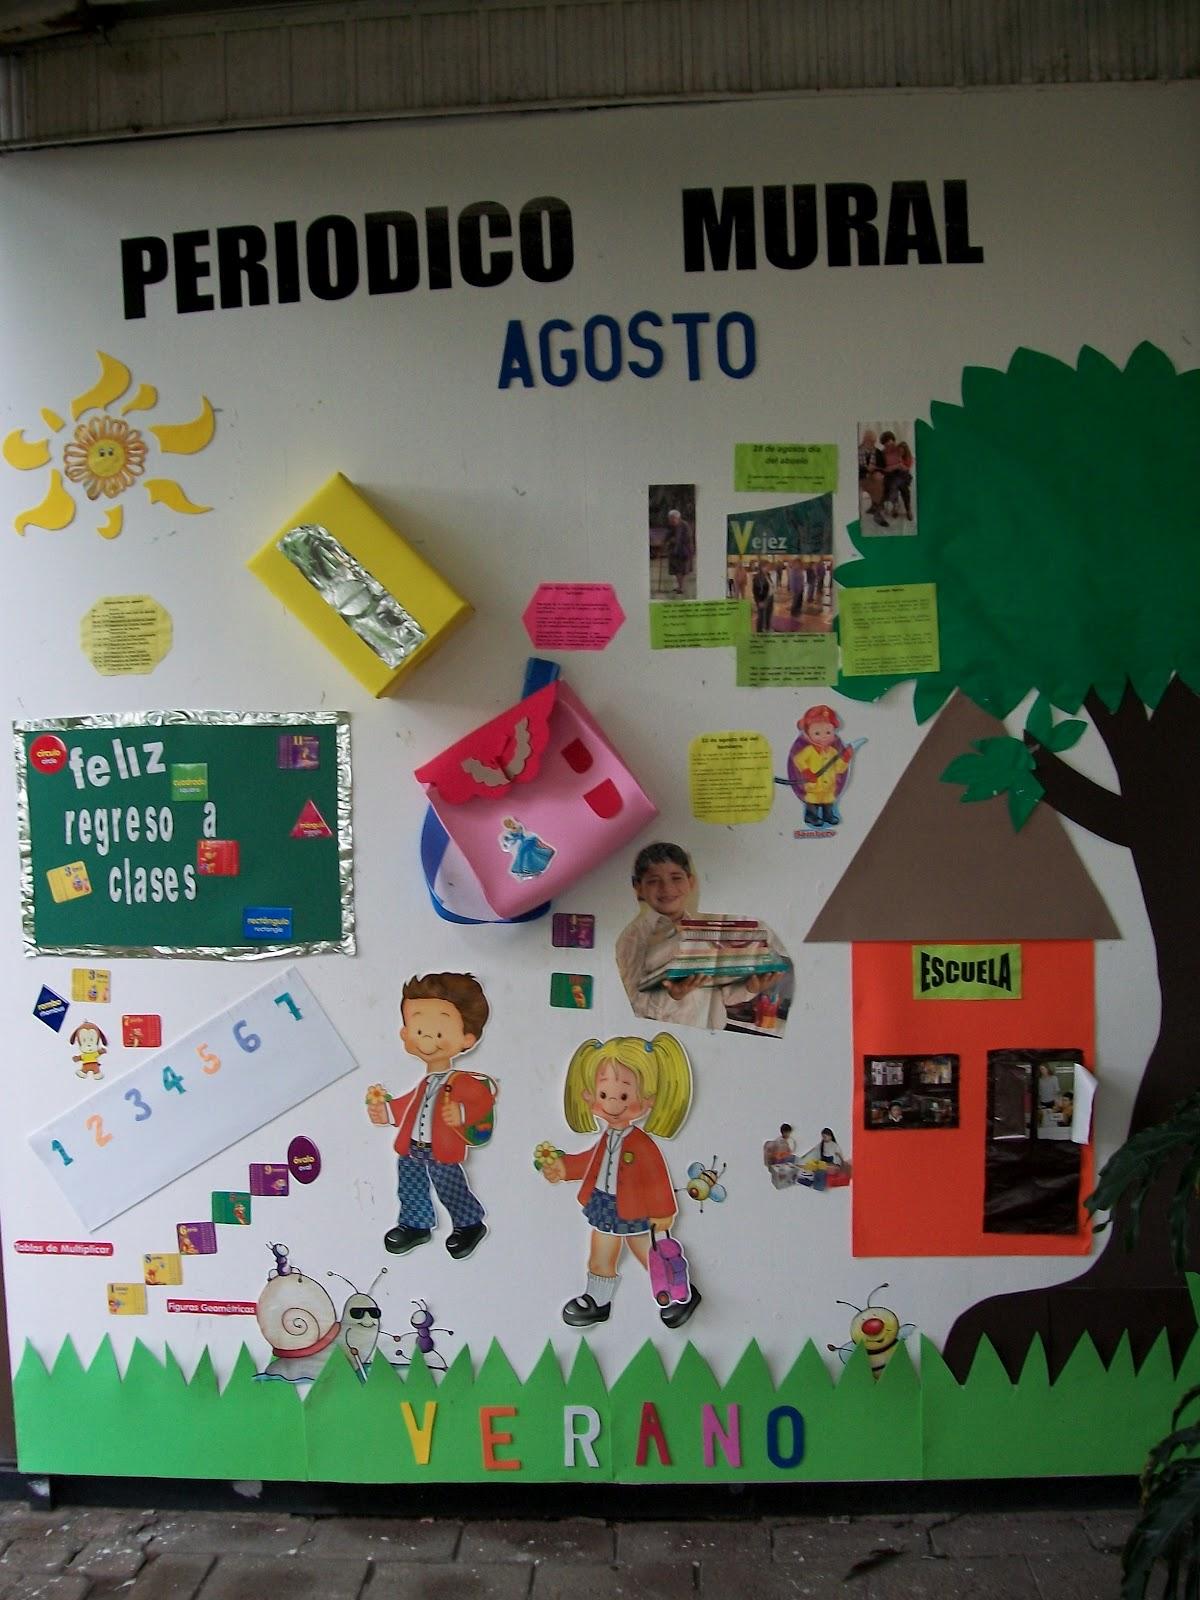 Biblioteca p blica central estatal agosto 2012 for Deportes para el periodico mural